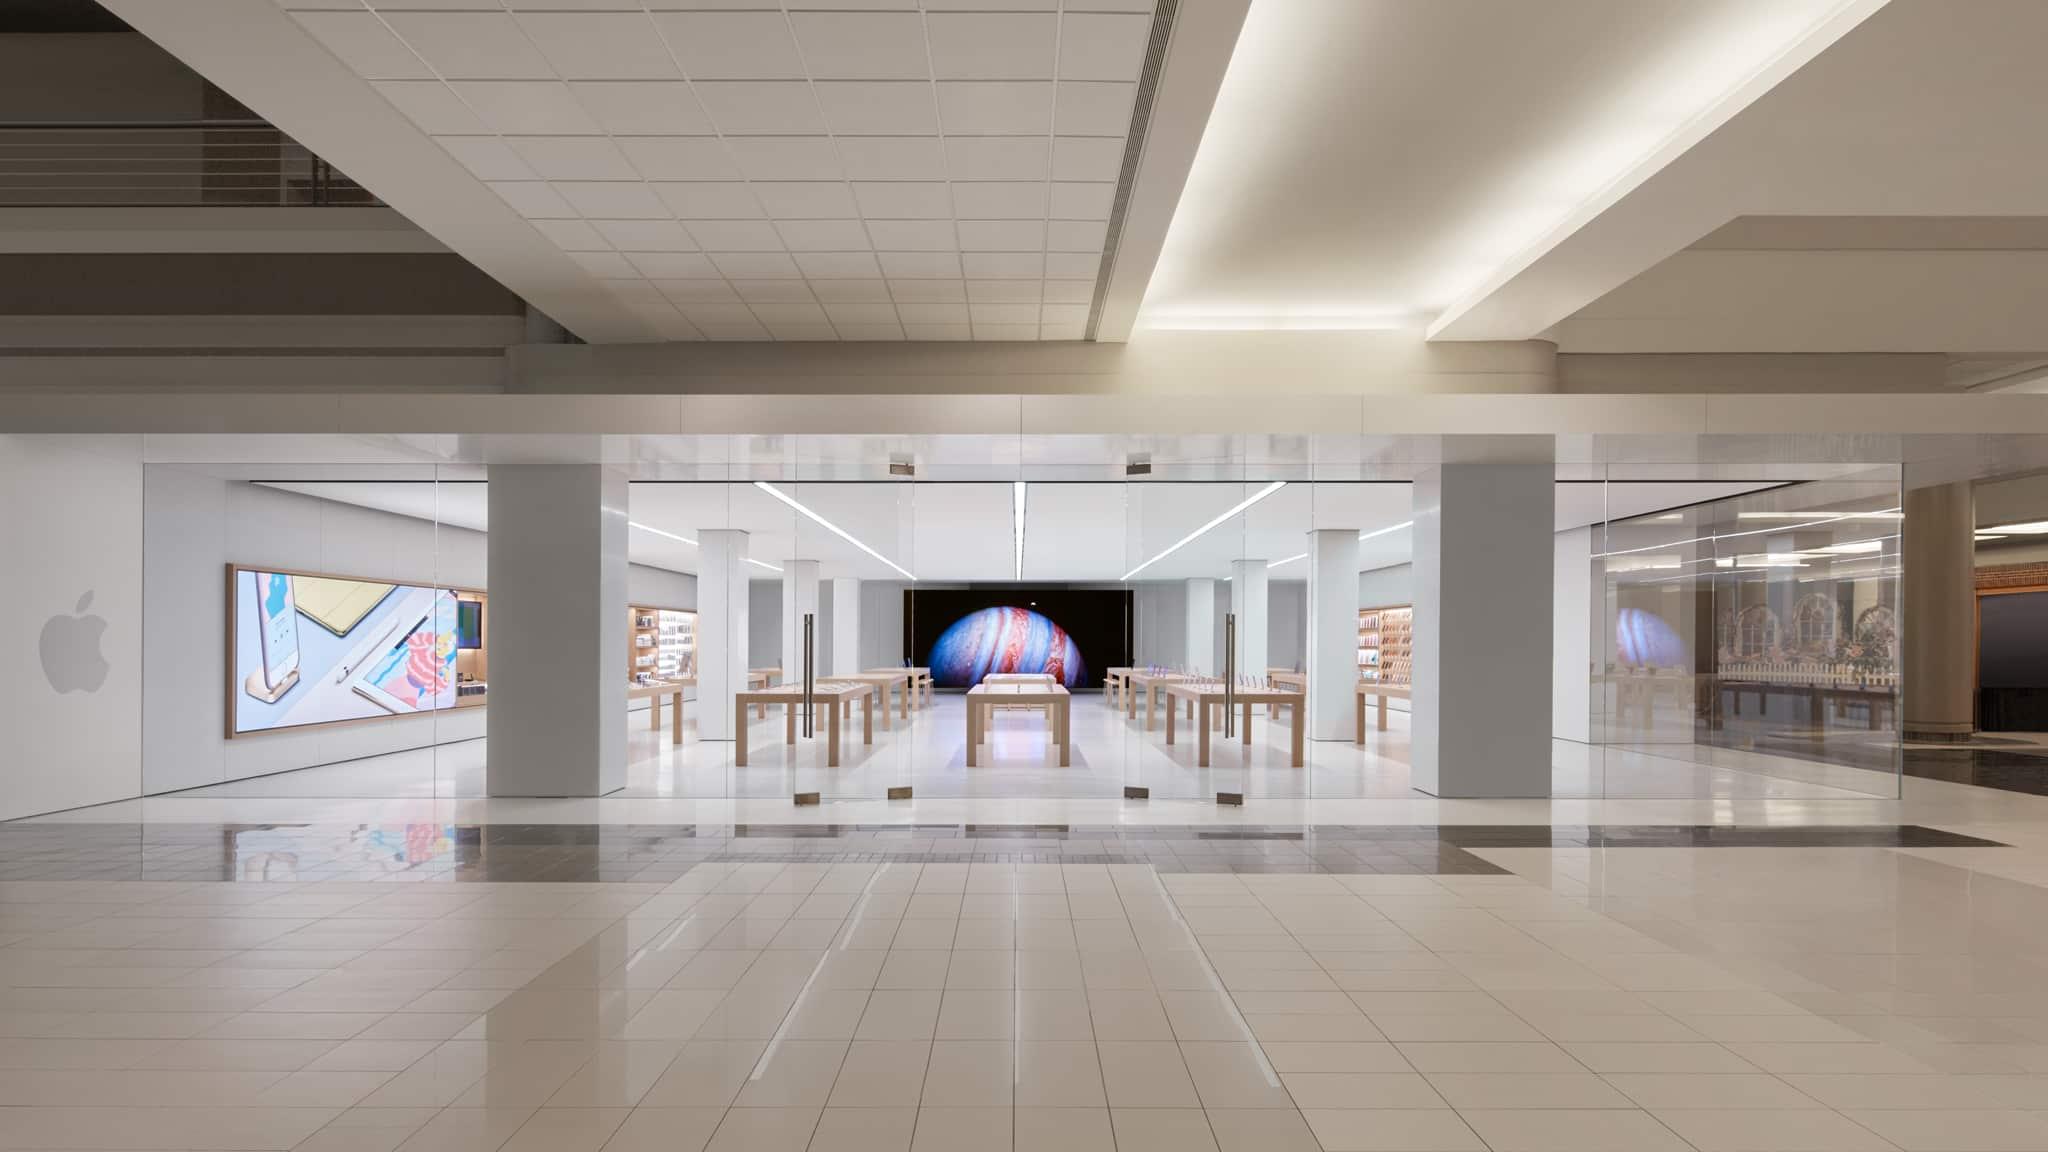 Apple Store Walden Galleria